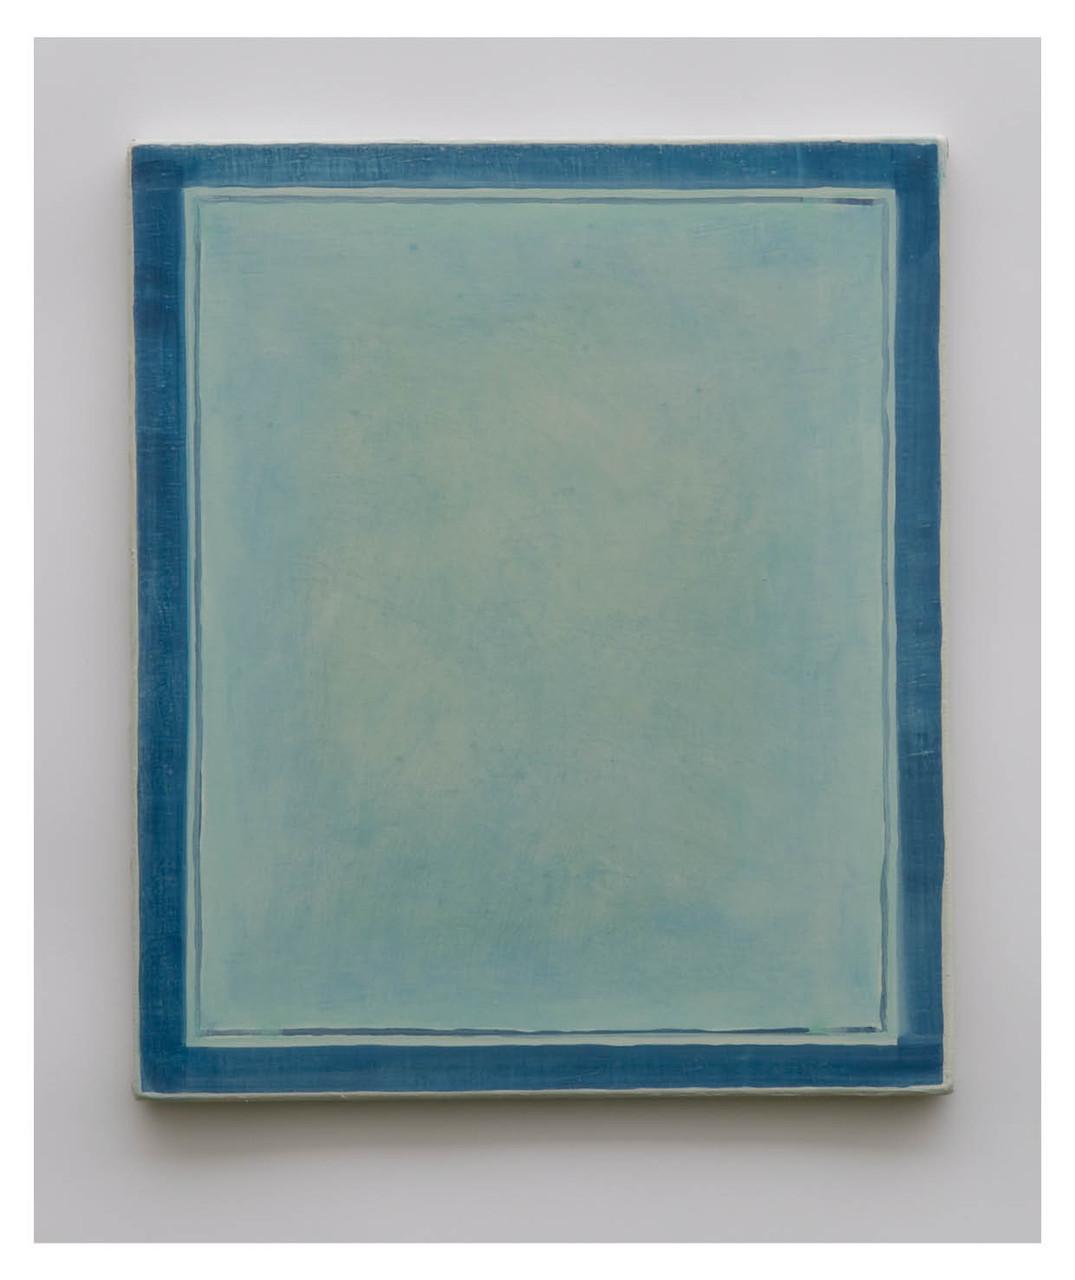 Ohne Titel, 2008, Öl auf Leinwand, 54 x 46 cm